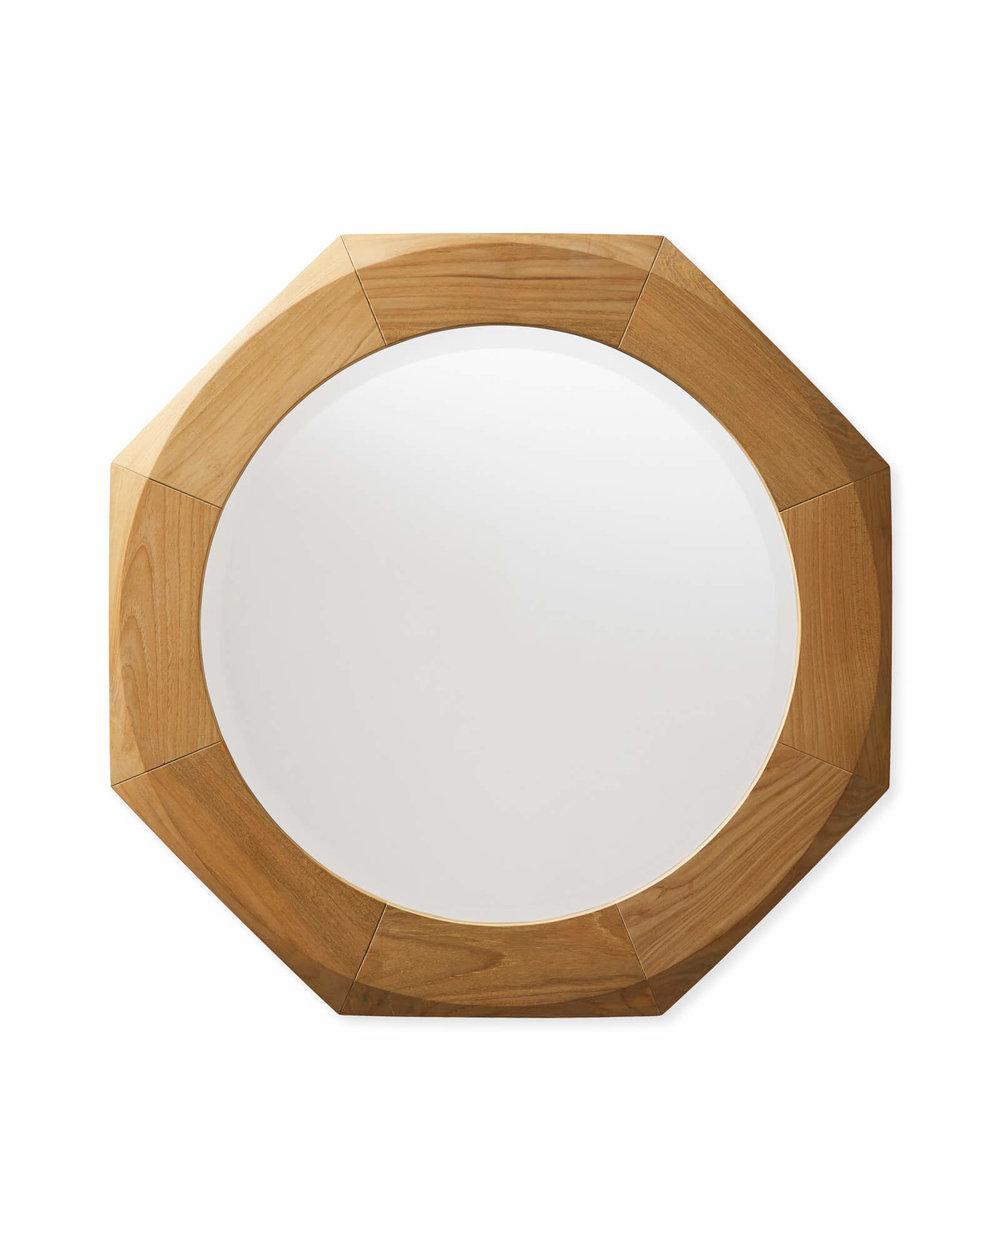 Woodside Mirror